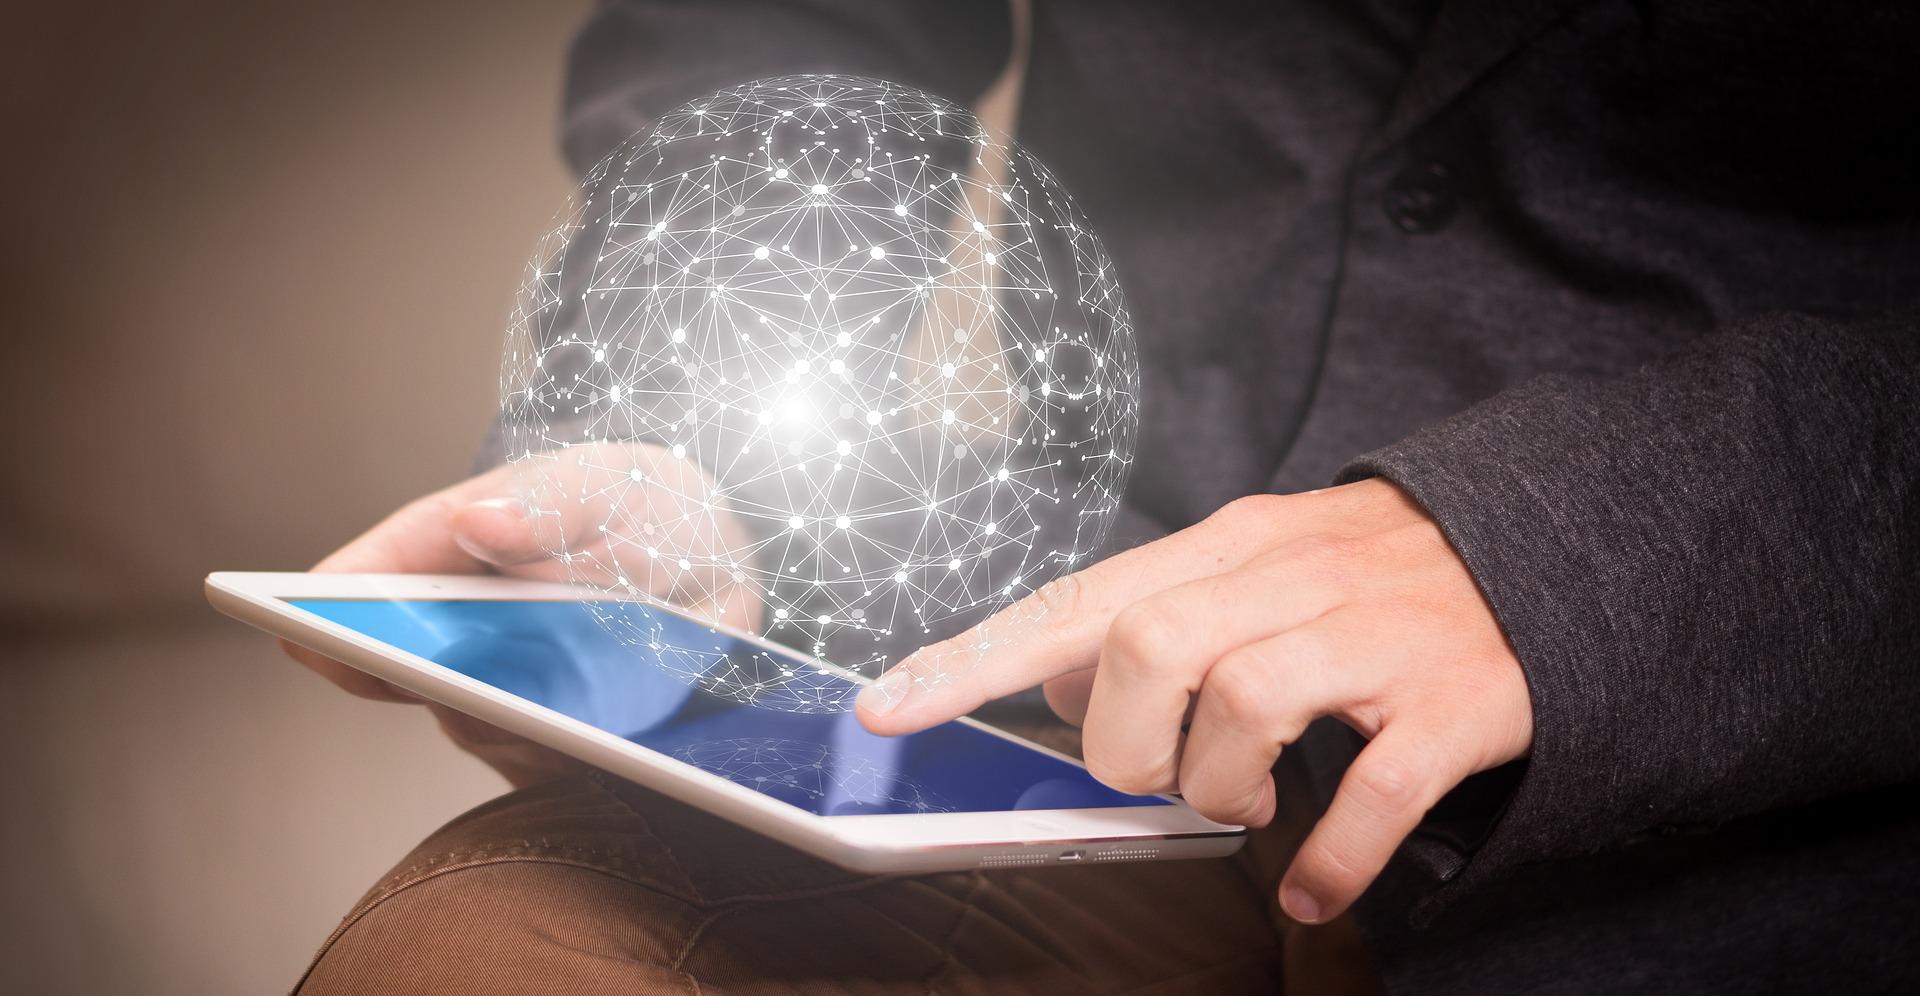 la relación de la protección de datos personales con data quality y data governance GDPR